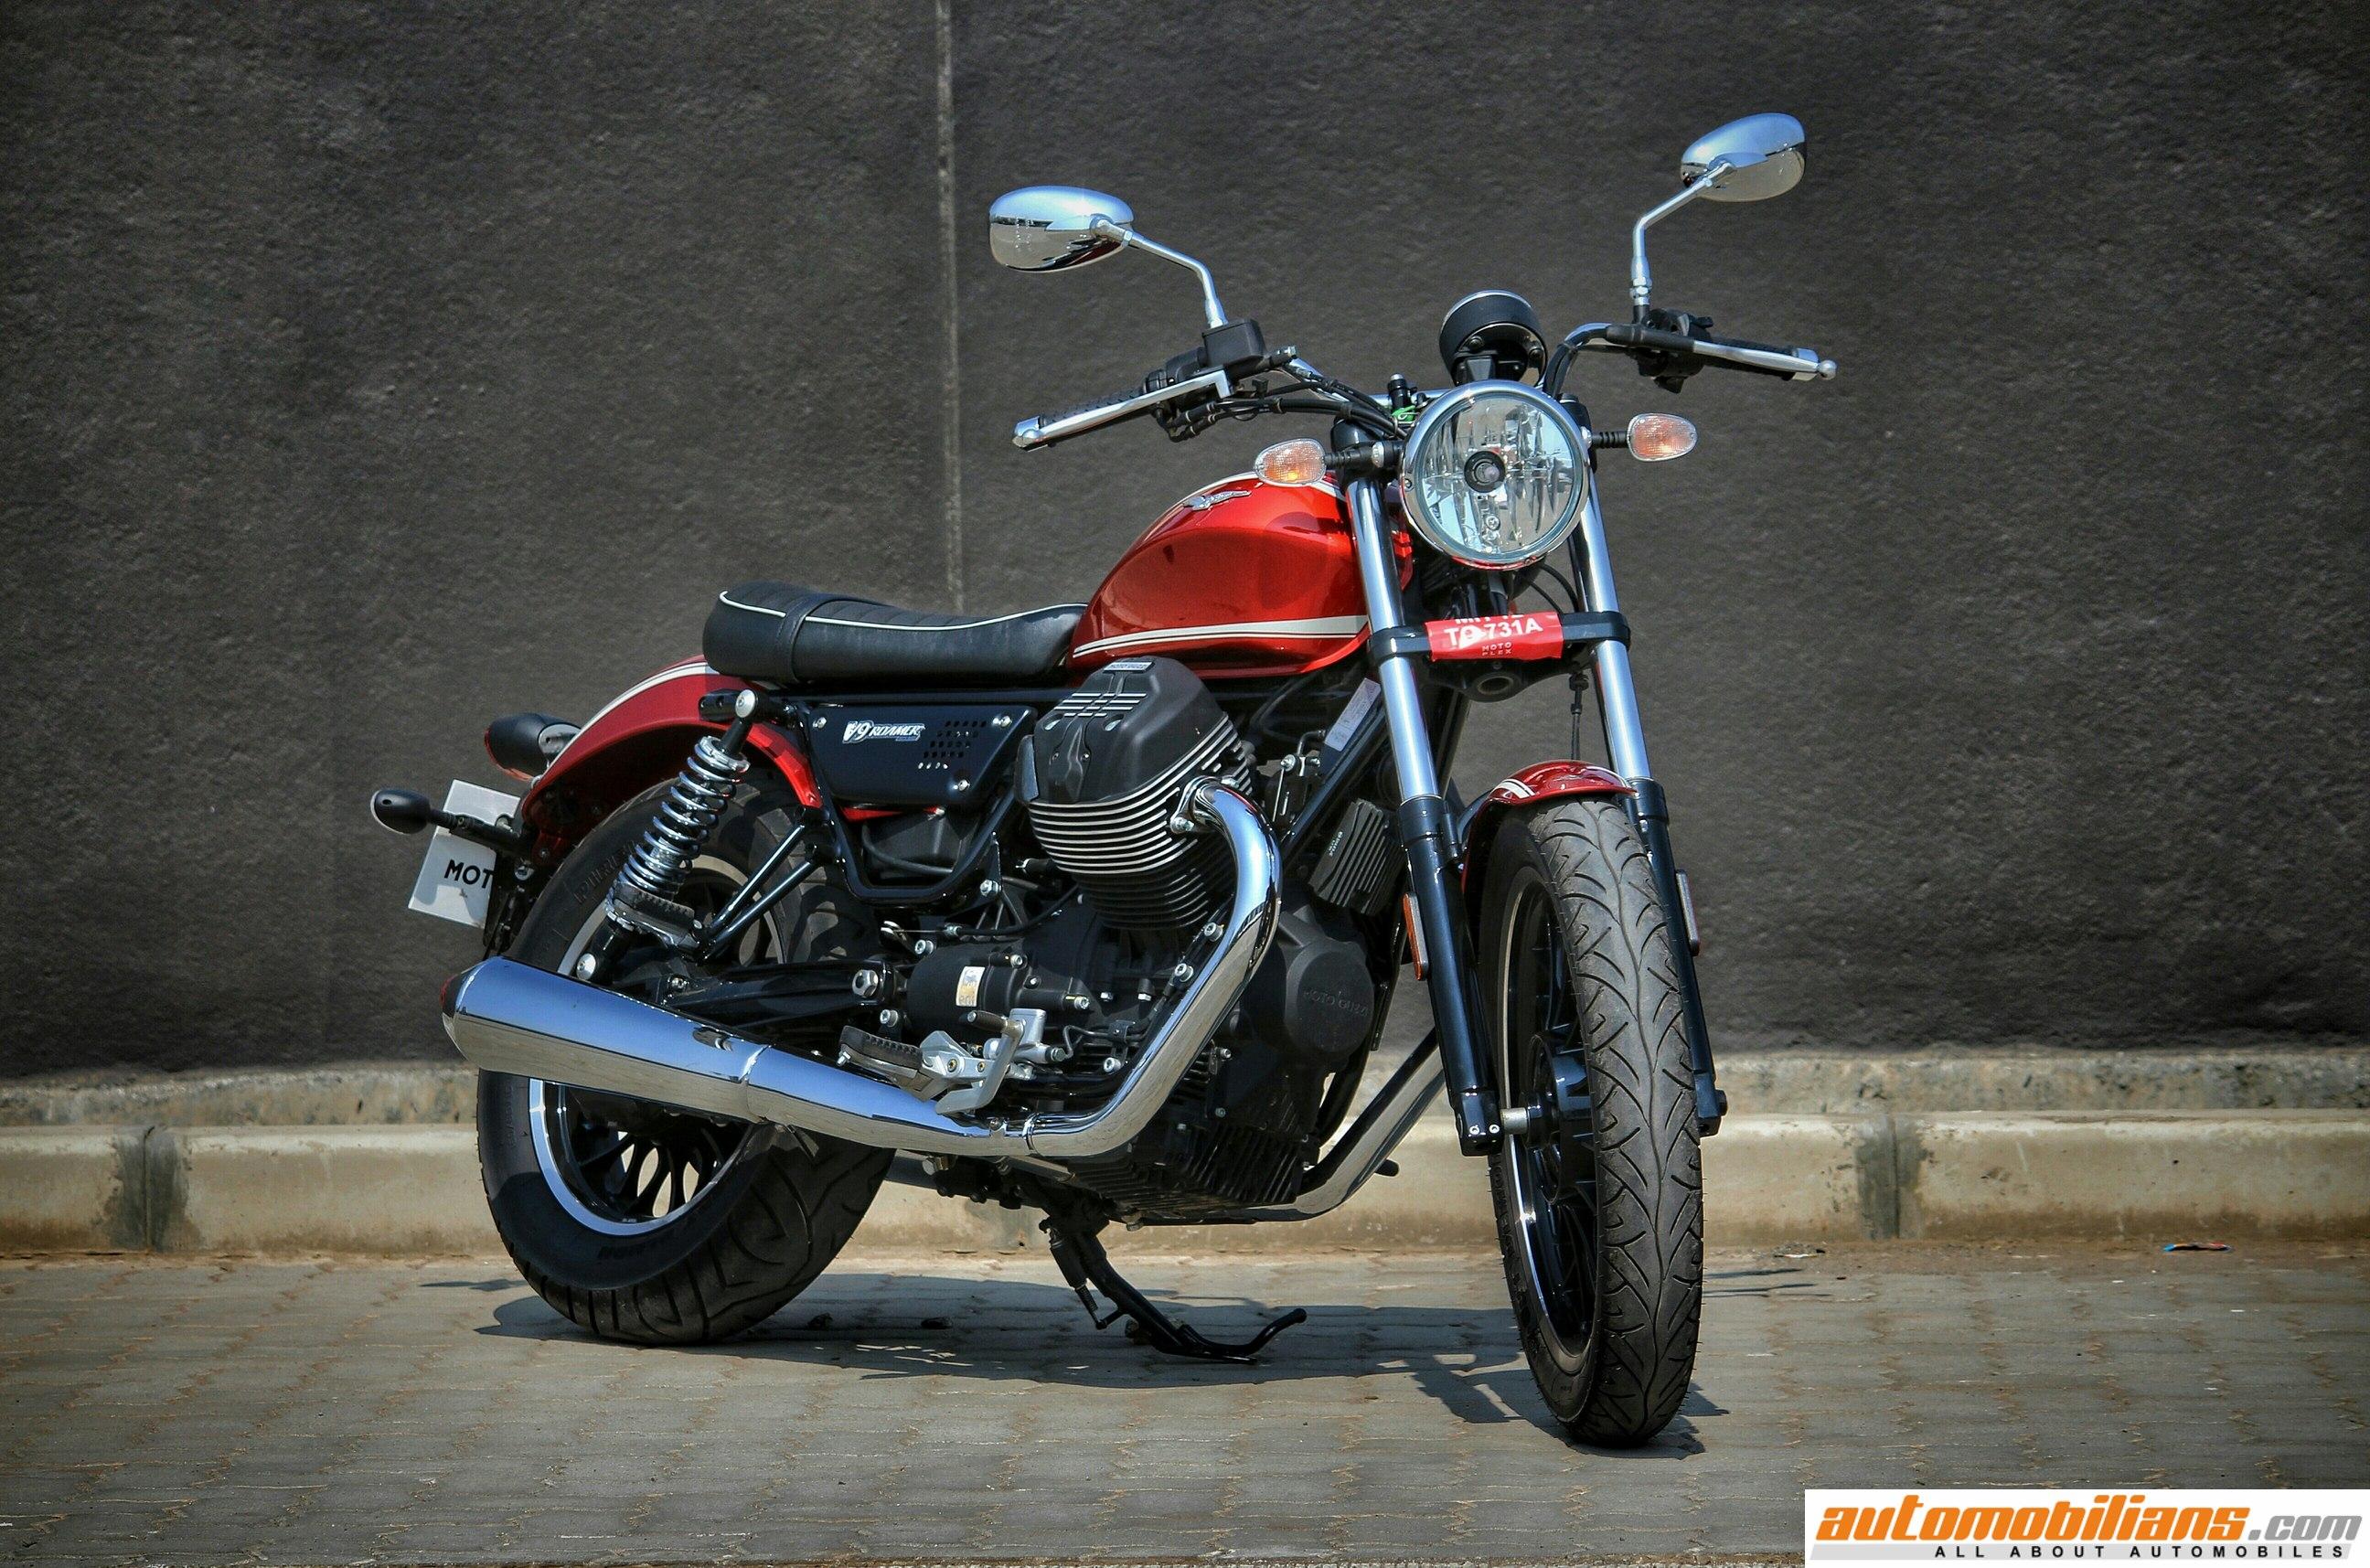 Honda City Price In India >> Automobilians.com   Moto Guzzi V9 Roamer - Test Ride Review